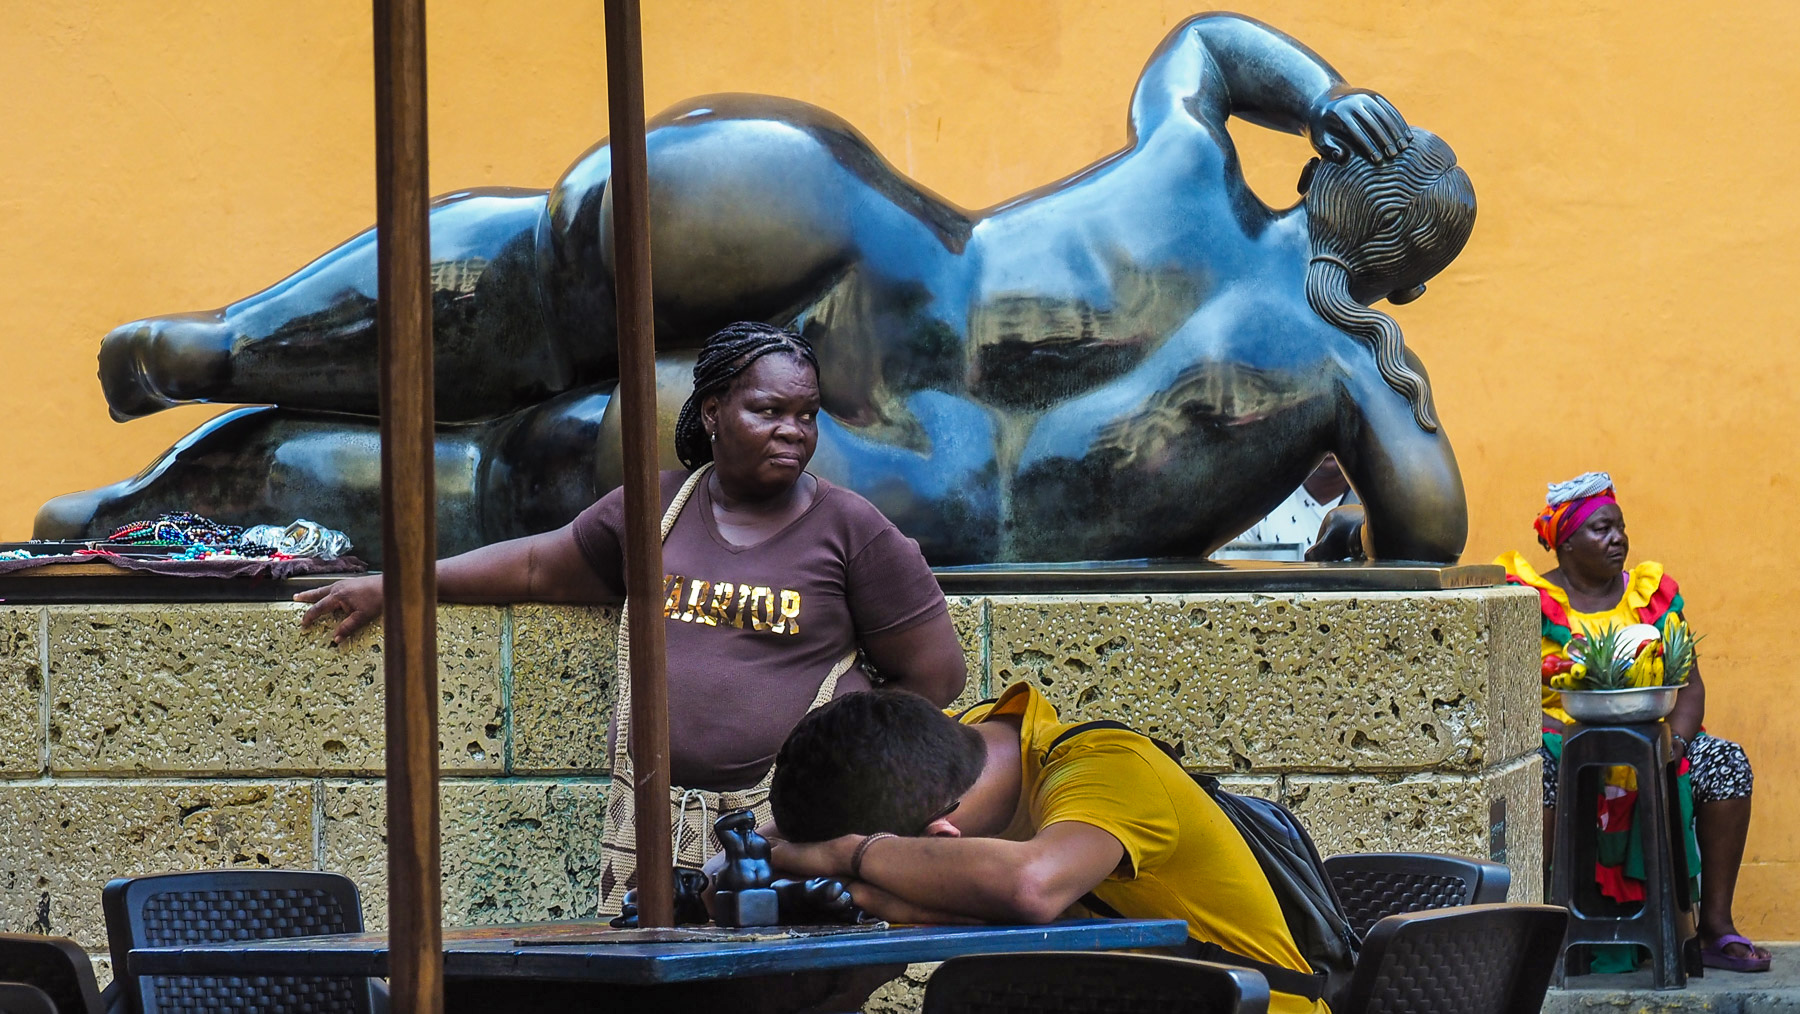 Wenig los im heißen Catagena – Straßenverkäufer dösen neben einer Figur von Botero